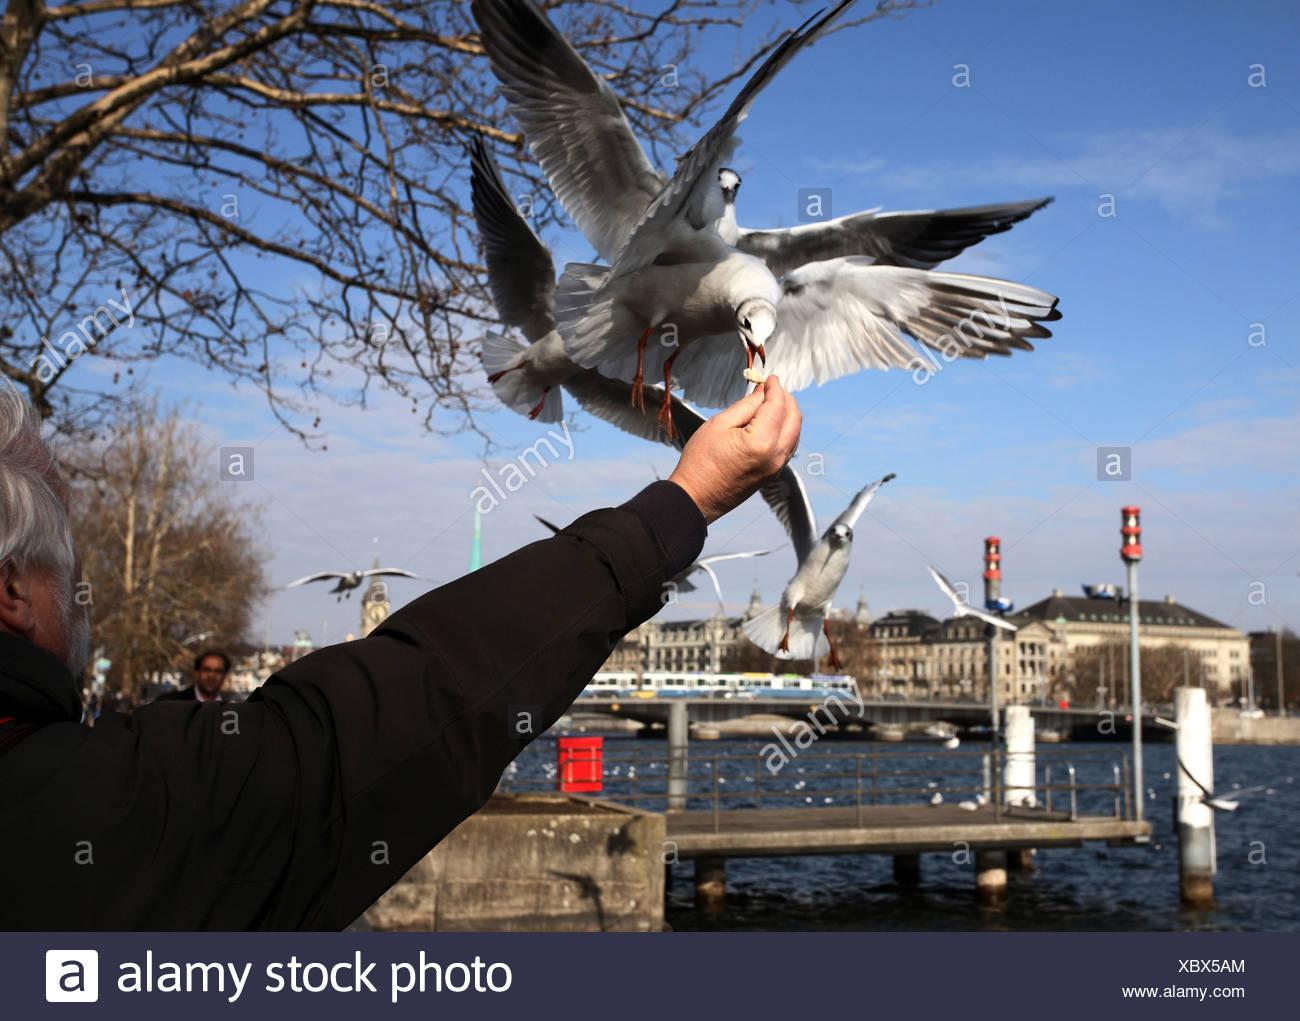 Zurich, Switzerland, man feeding seagulls on Zuerichsee out of hand - Stock Image